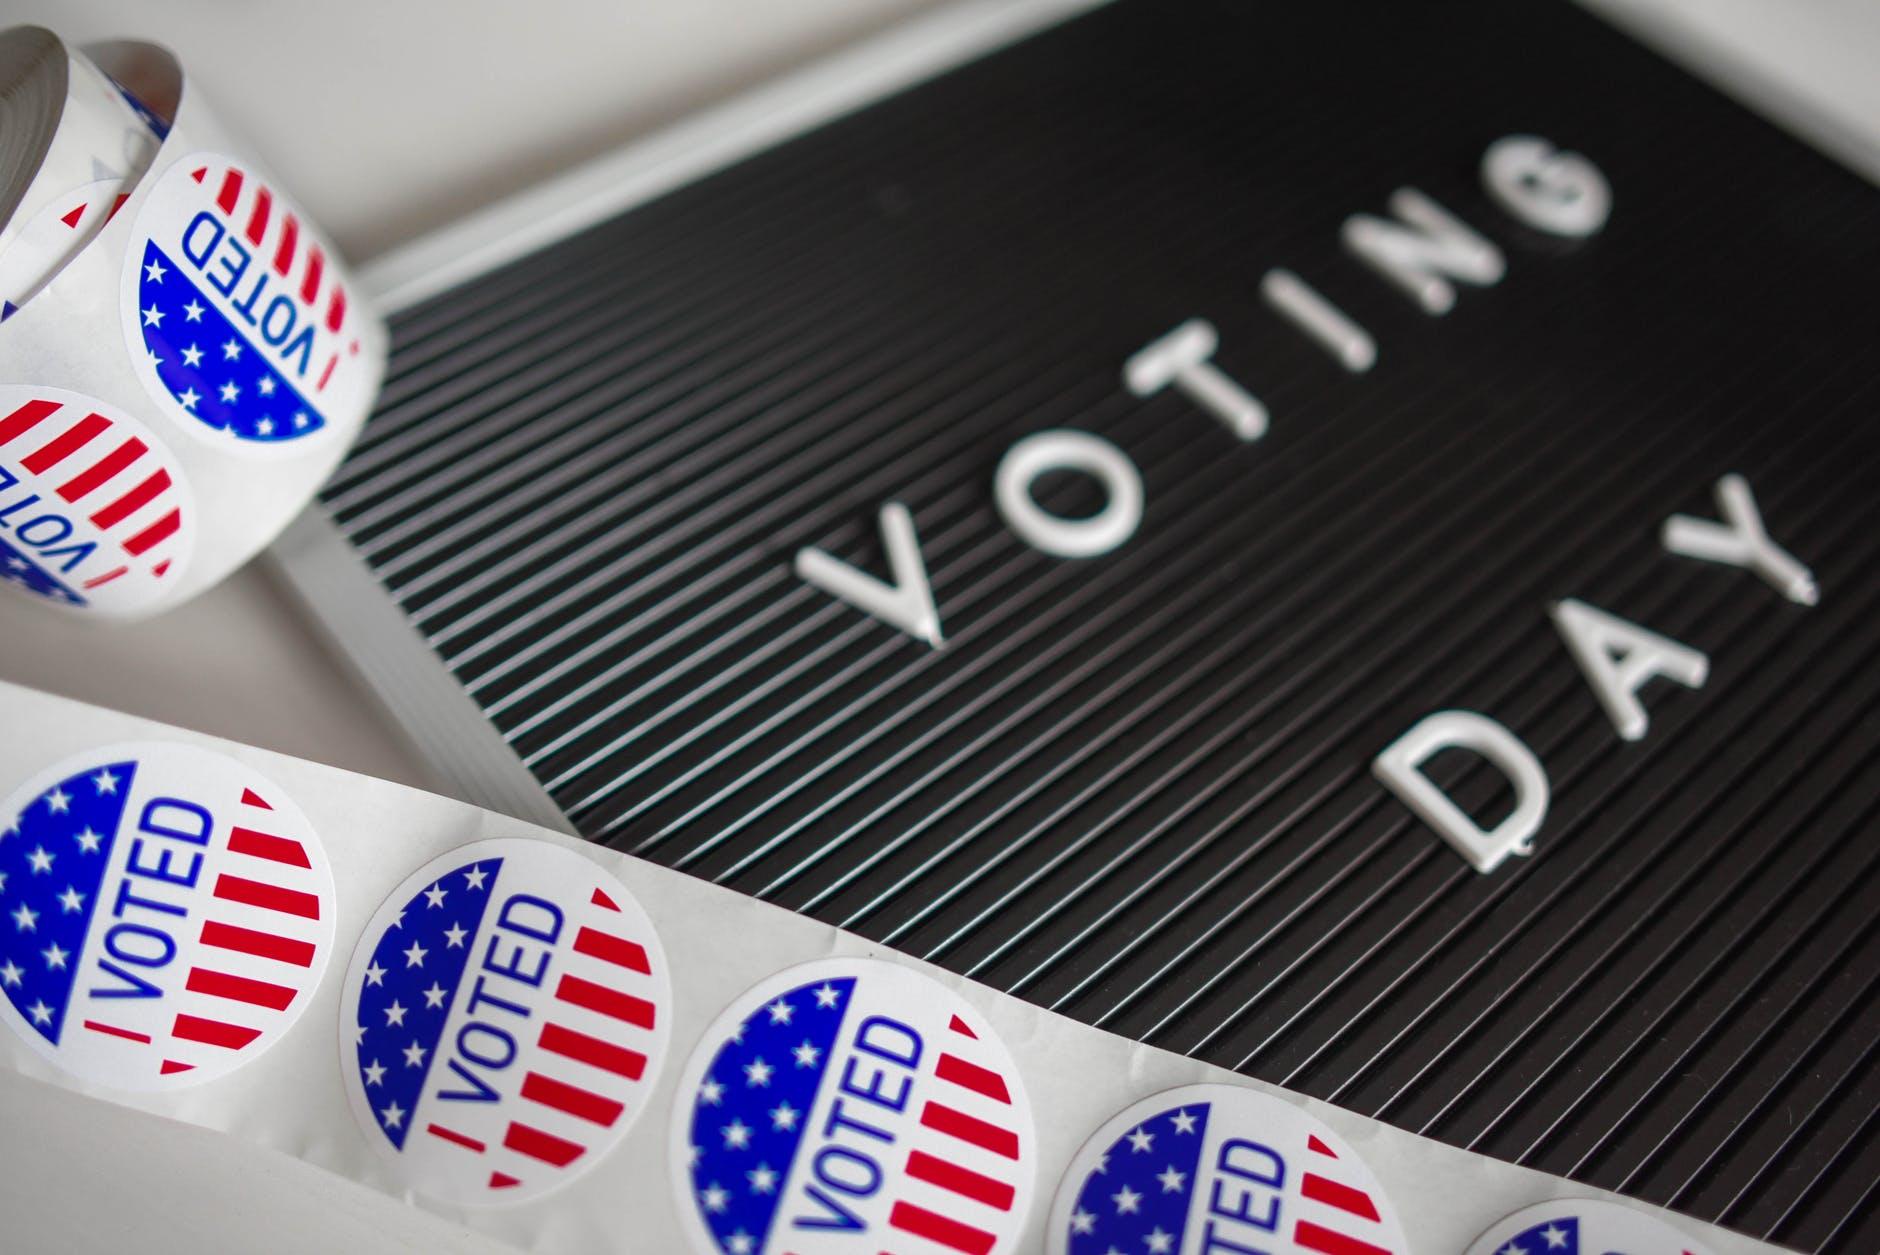 political campaign data